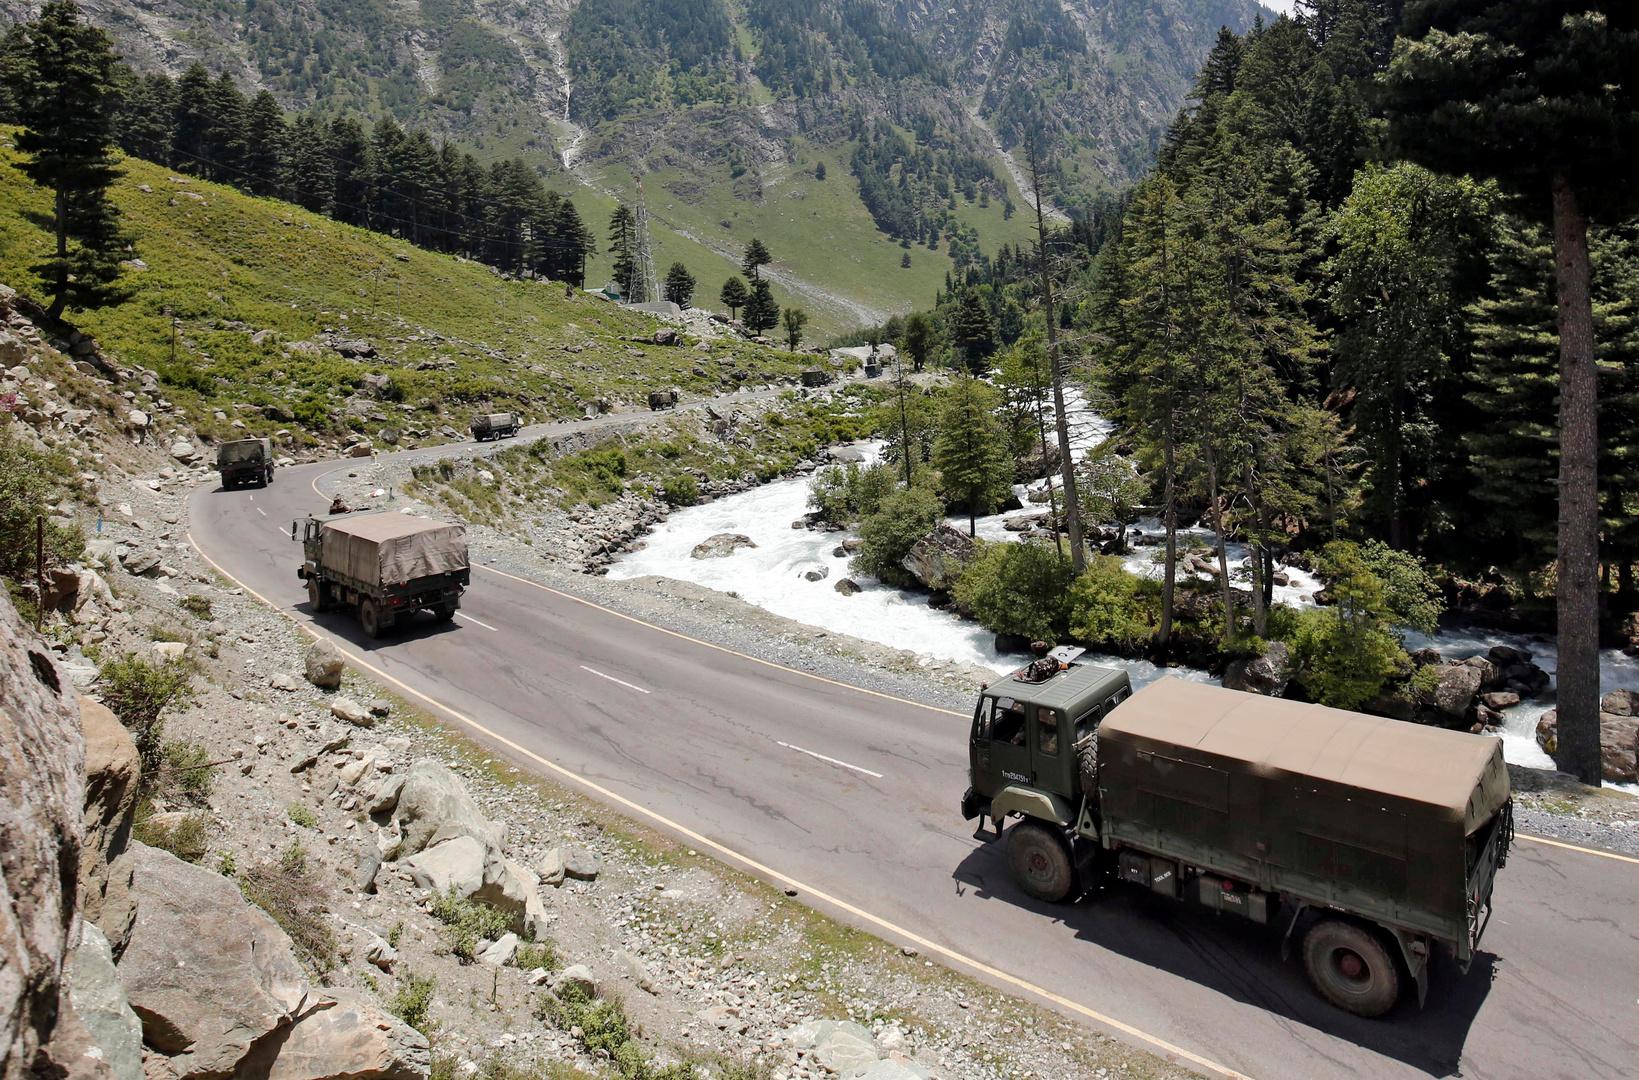 الهند: الاشتباك الحدودي كان عملا مدبرا ومخططا له وعلى الصين مراجعة سلوكها